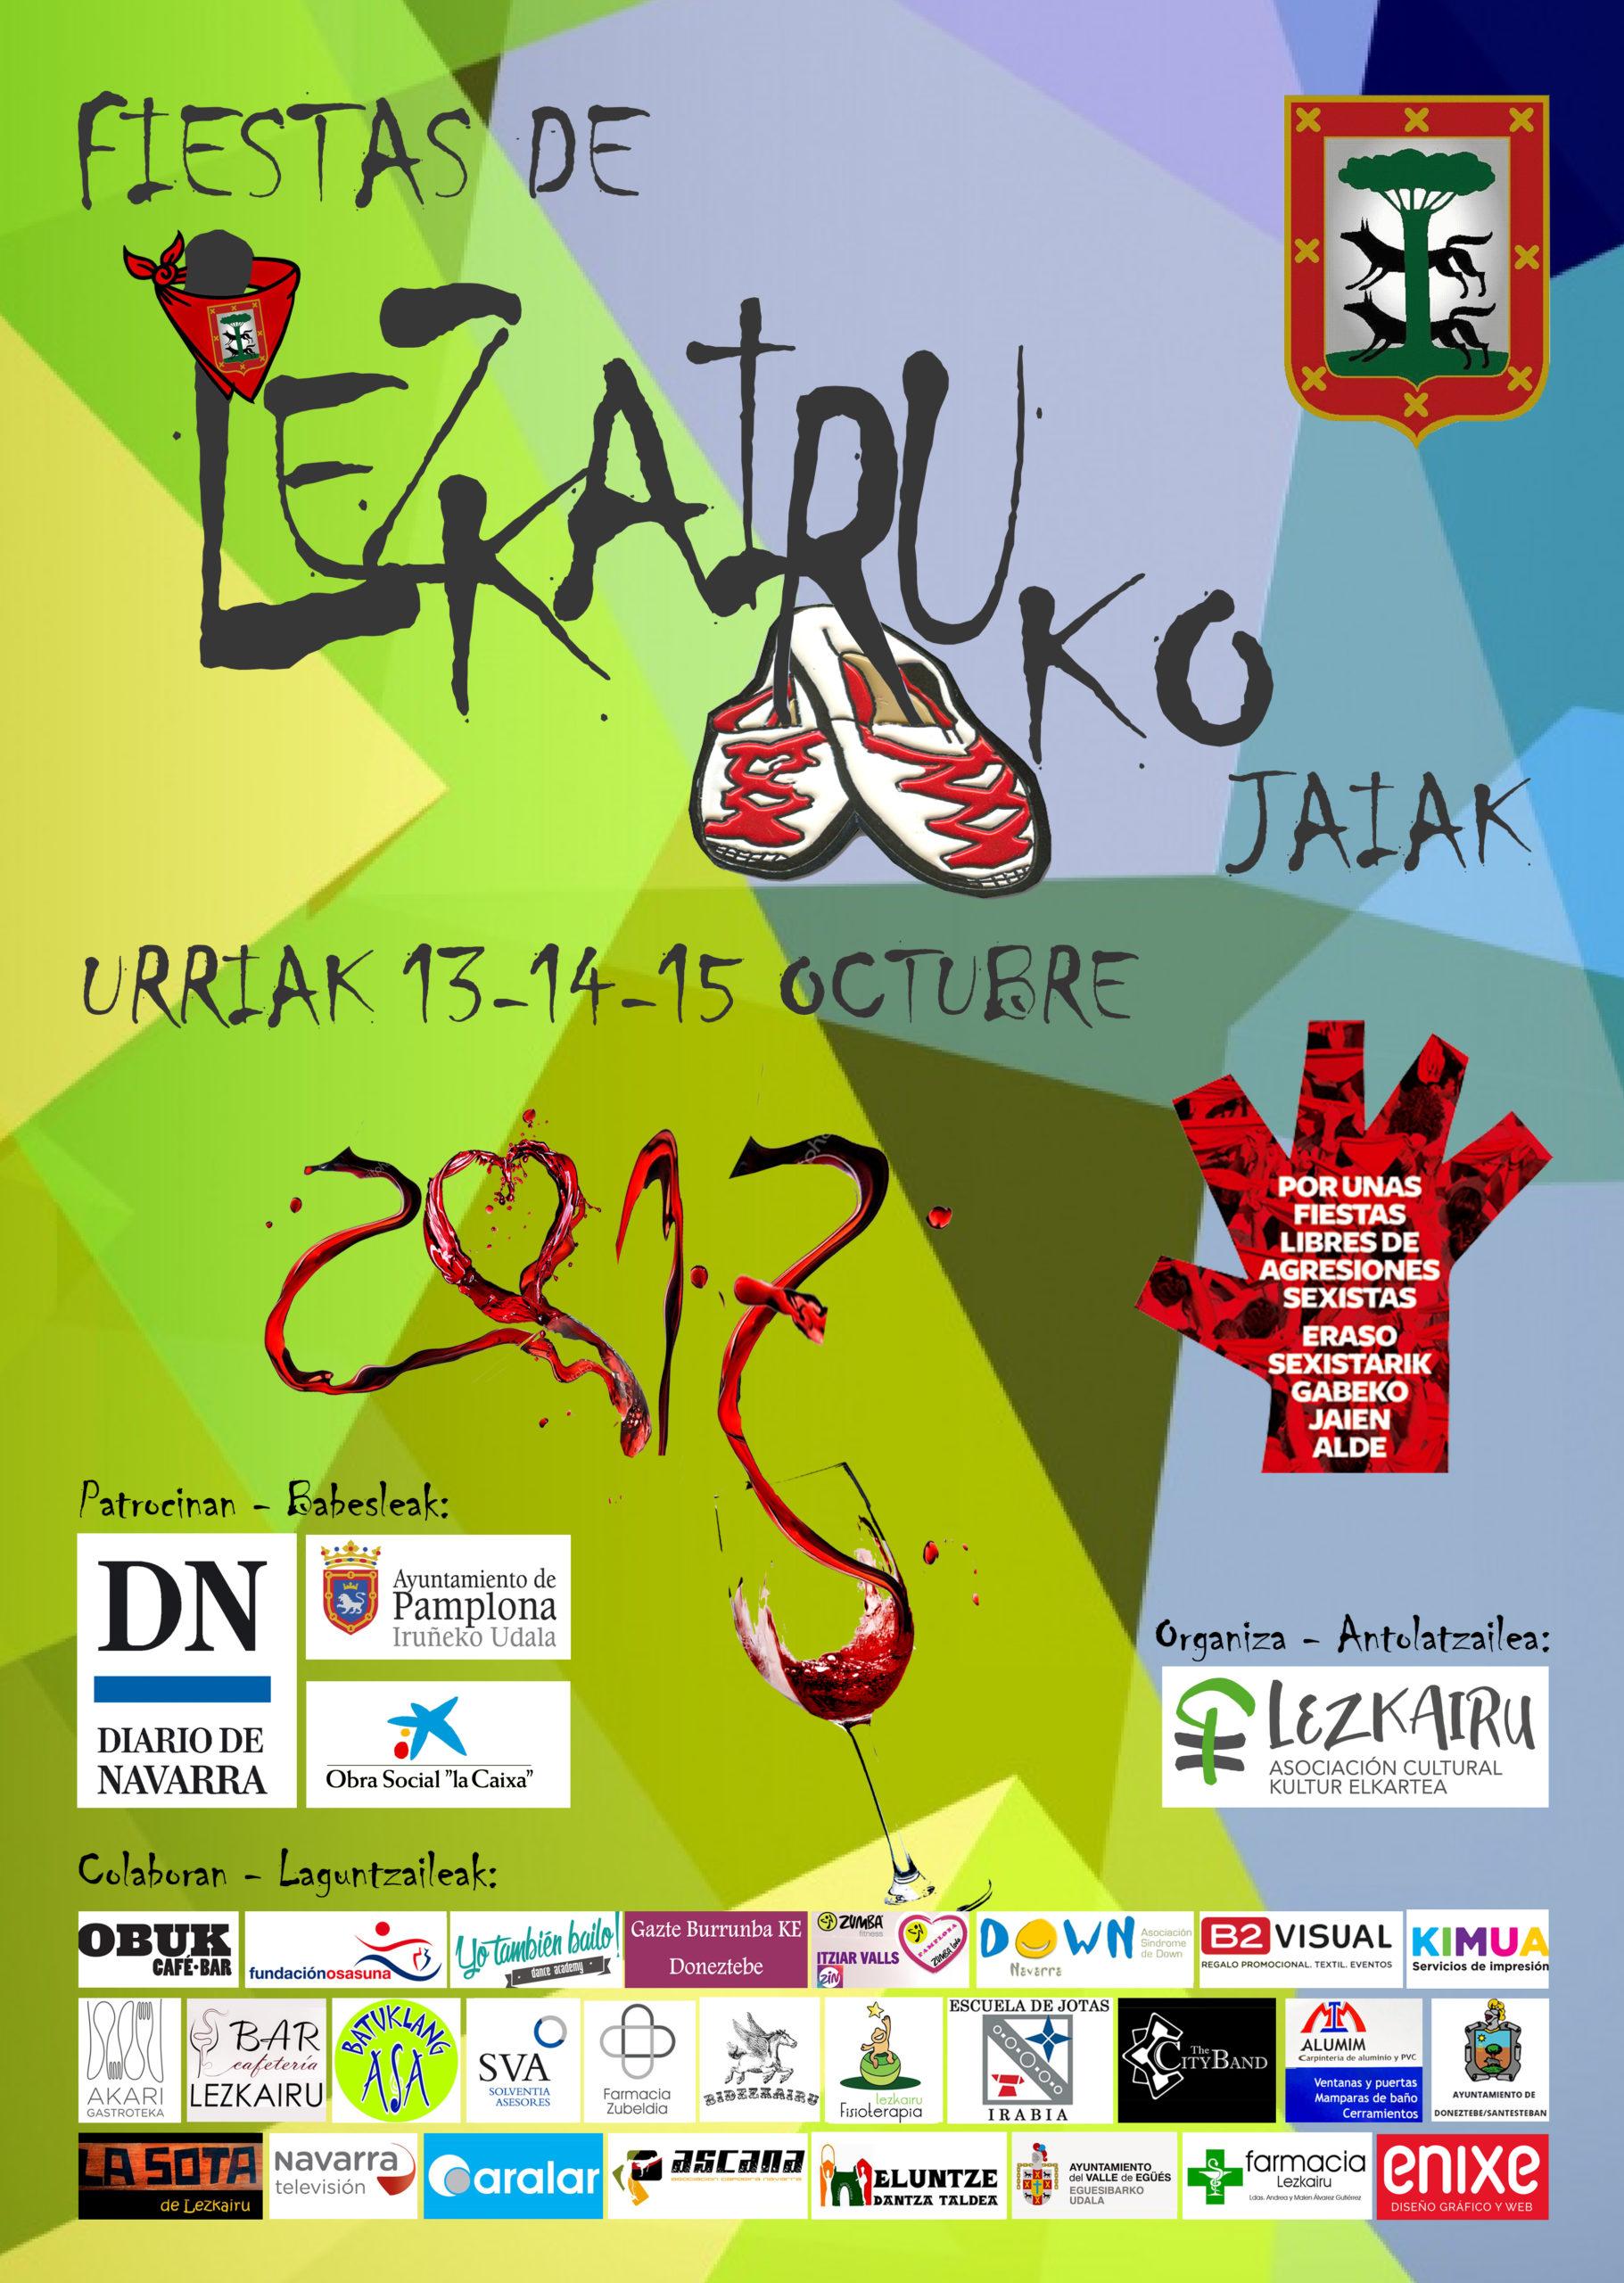 Fiestas Lezkairu 2017: 13, 14 y 15 de octubre